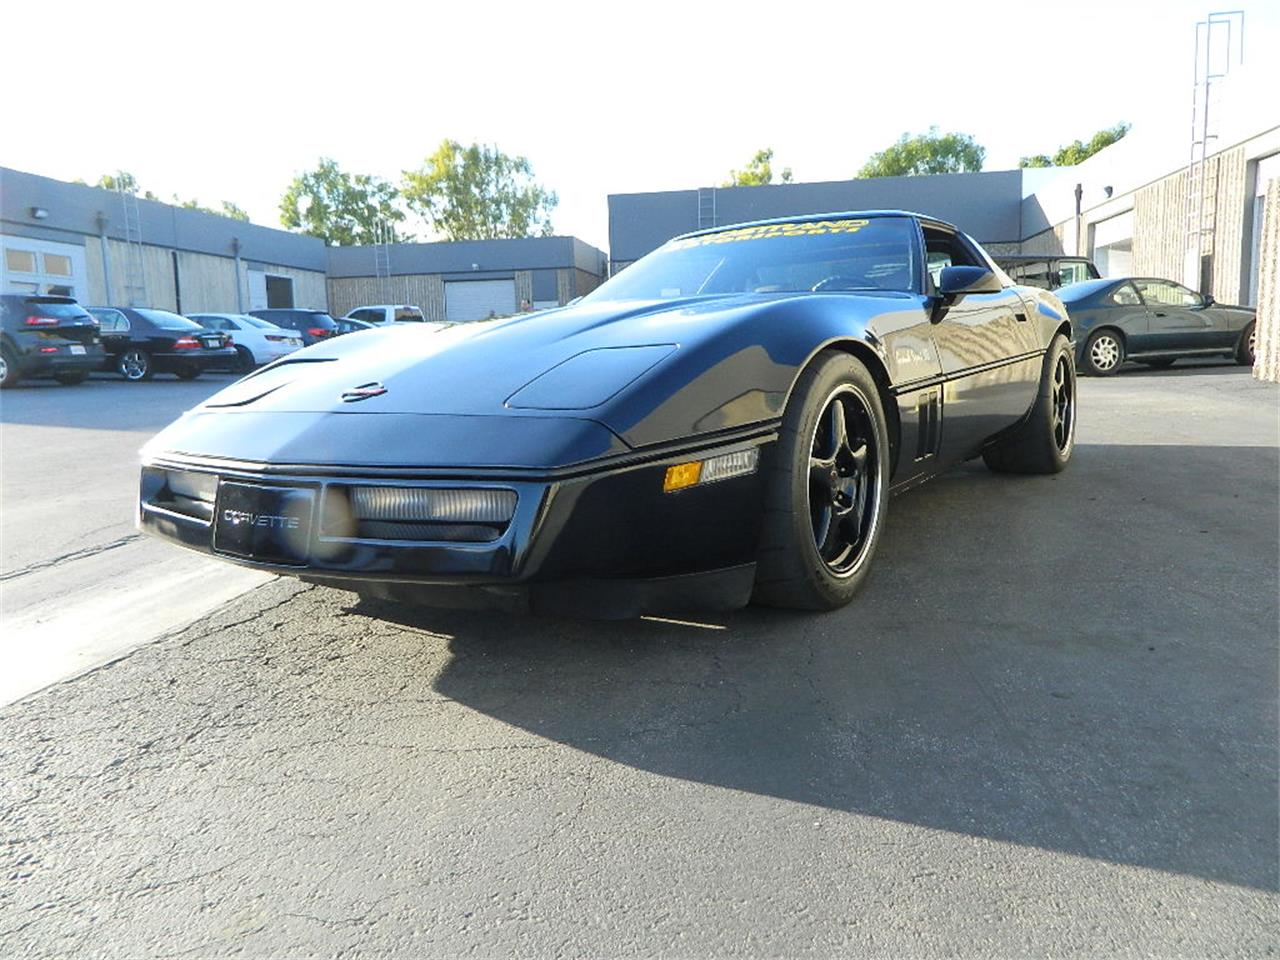 Large Picture of '88 Corvette Auction Vehicle - P3H8